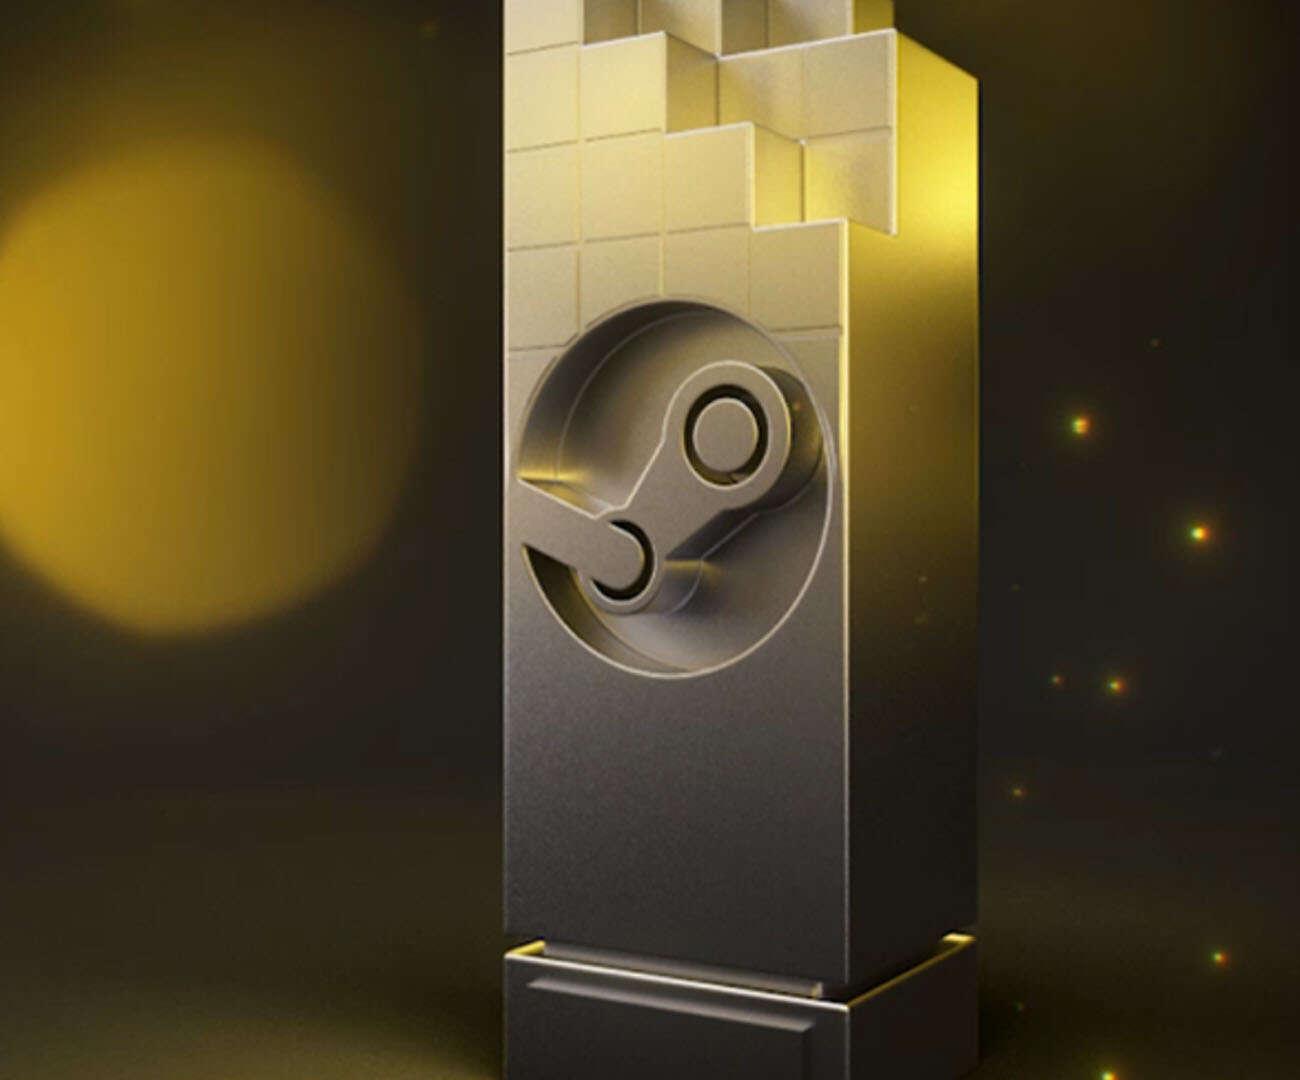 Nagrody Steam 2020 rozdane i żadna polska gra nie wygrała